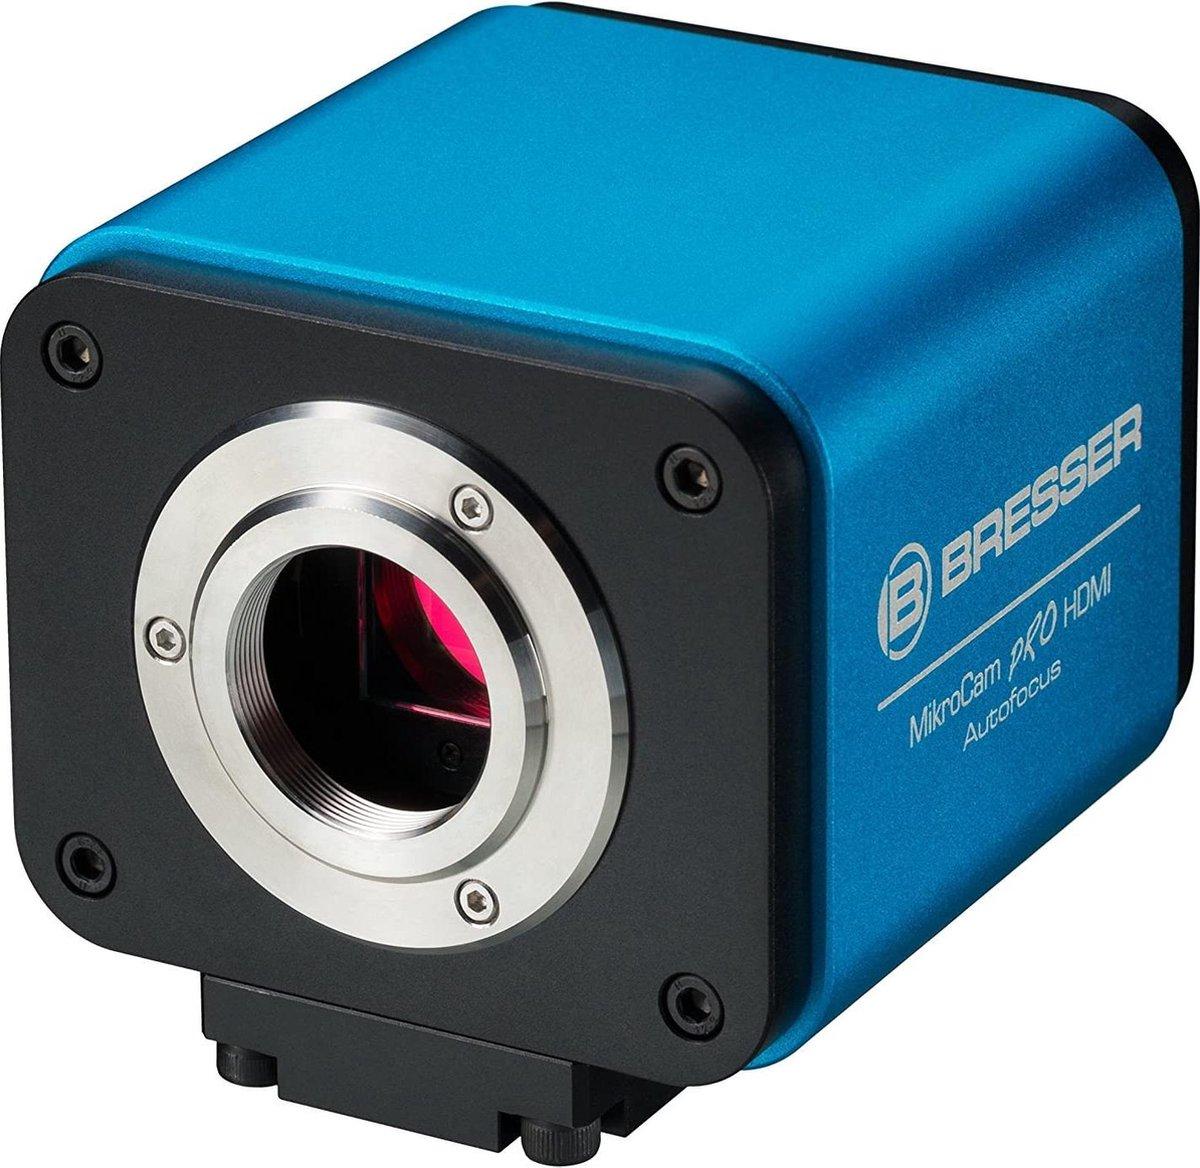 Bresser Microscoopcamera - MikroCam PRO HDMI - Met Autofocus voor Optimale Scherpstelling